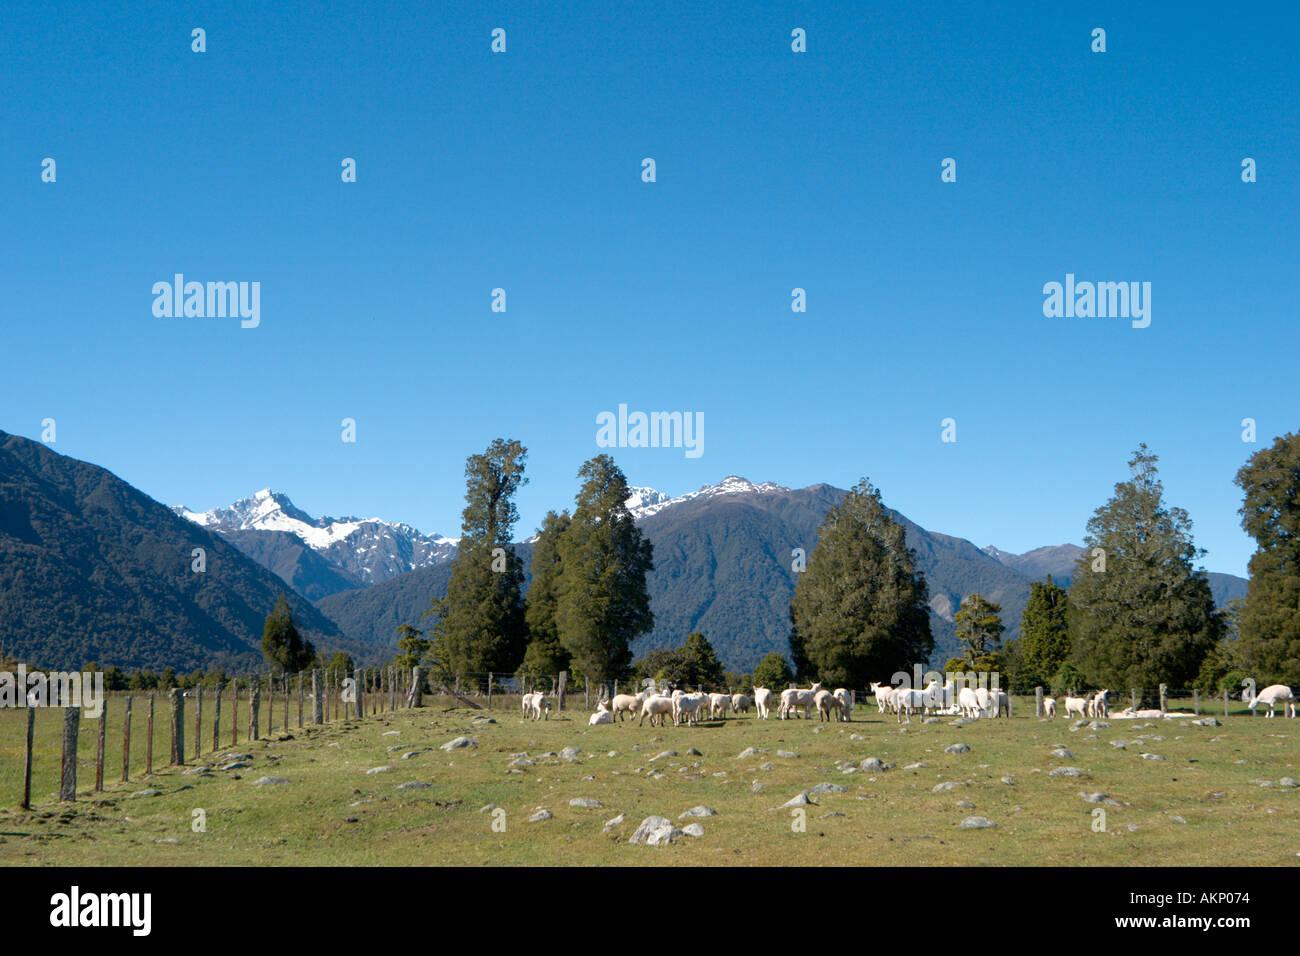 Schaf-Farm in der Nähe von Fox Glacier, Südinsel, Neuseeland Stockbild